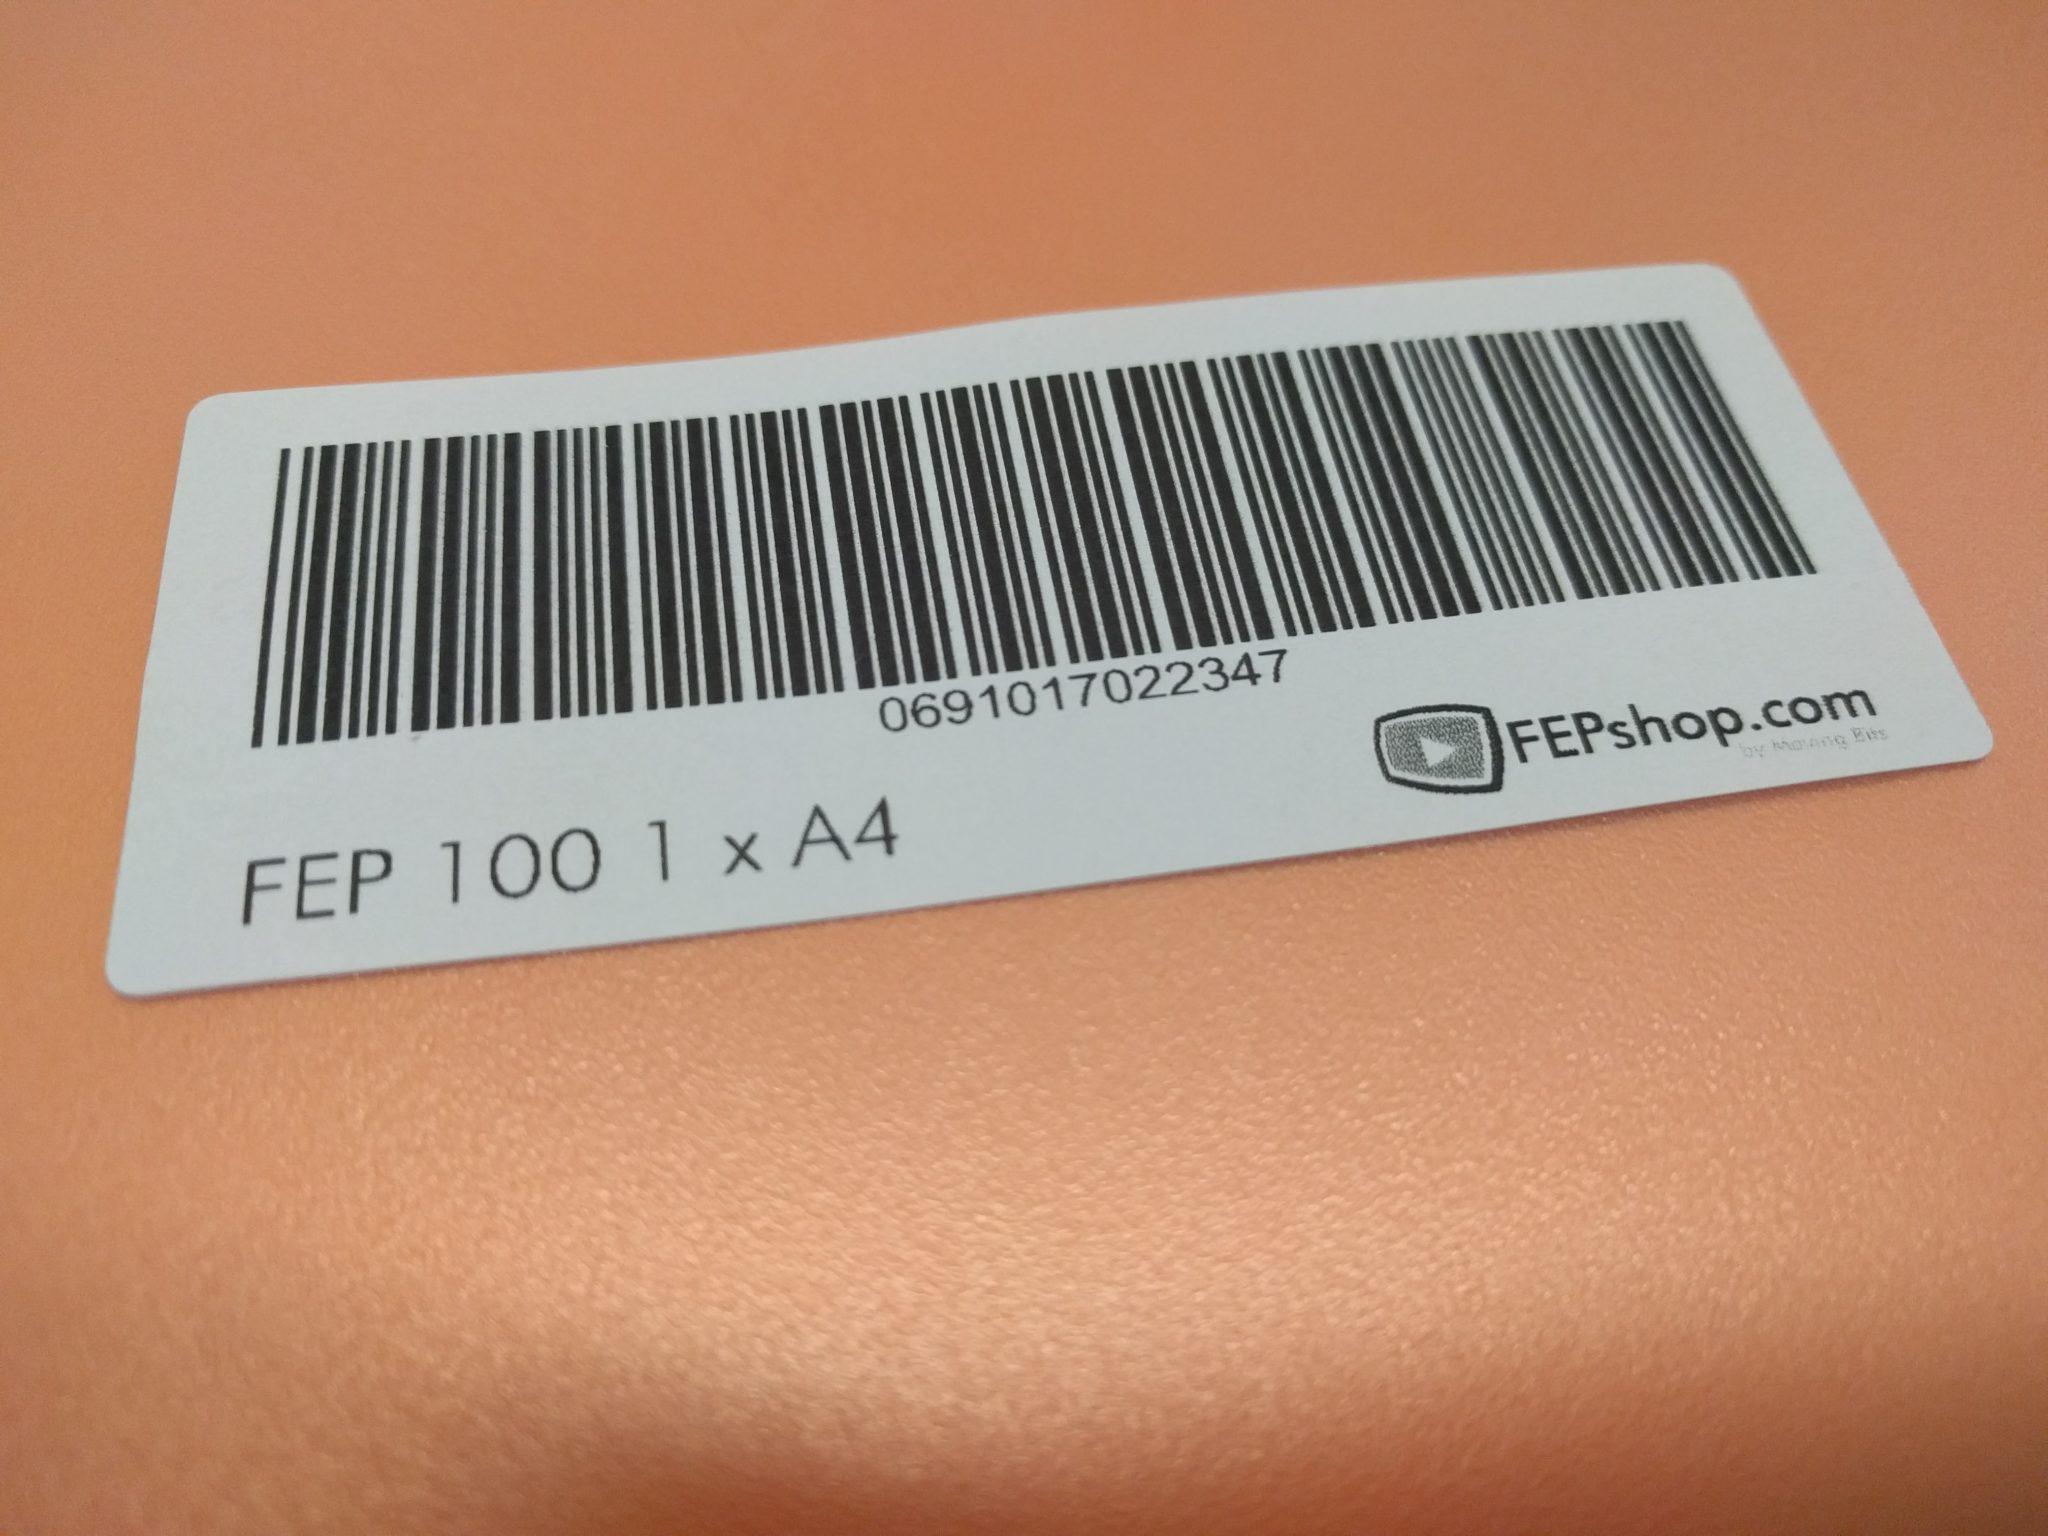 FEP 150 Premium A4 – 1 Sheet